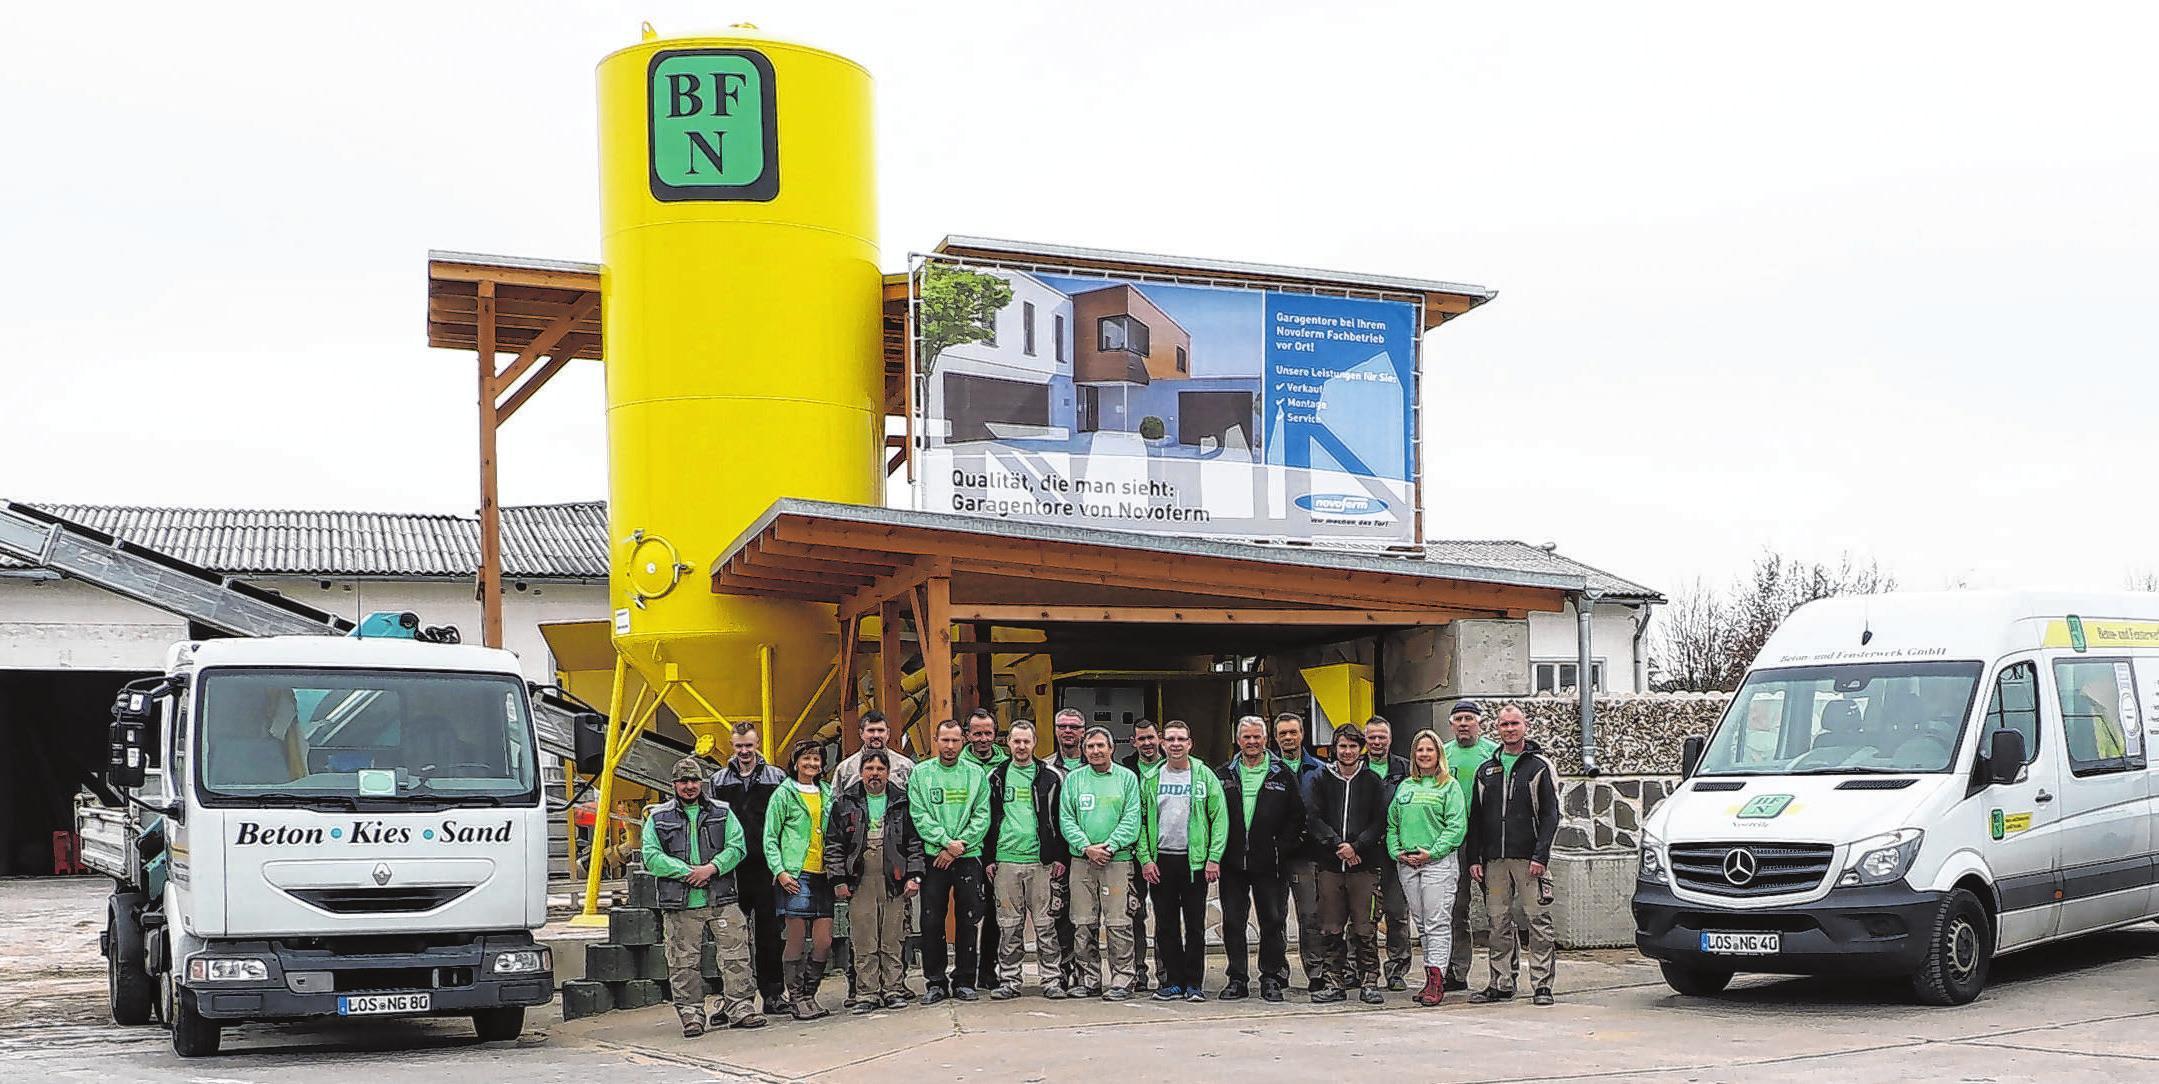 Als kompetente, freundliche und pünktliche Truppe wird das Team der Neuzeller Beton- und Fensterwerke GmbH von Kunden gelobt. Fotos: Anne Bennewitz